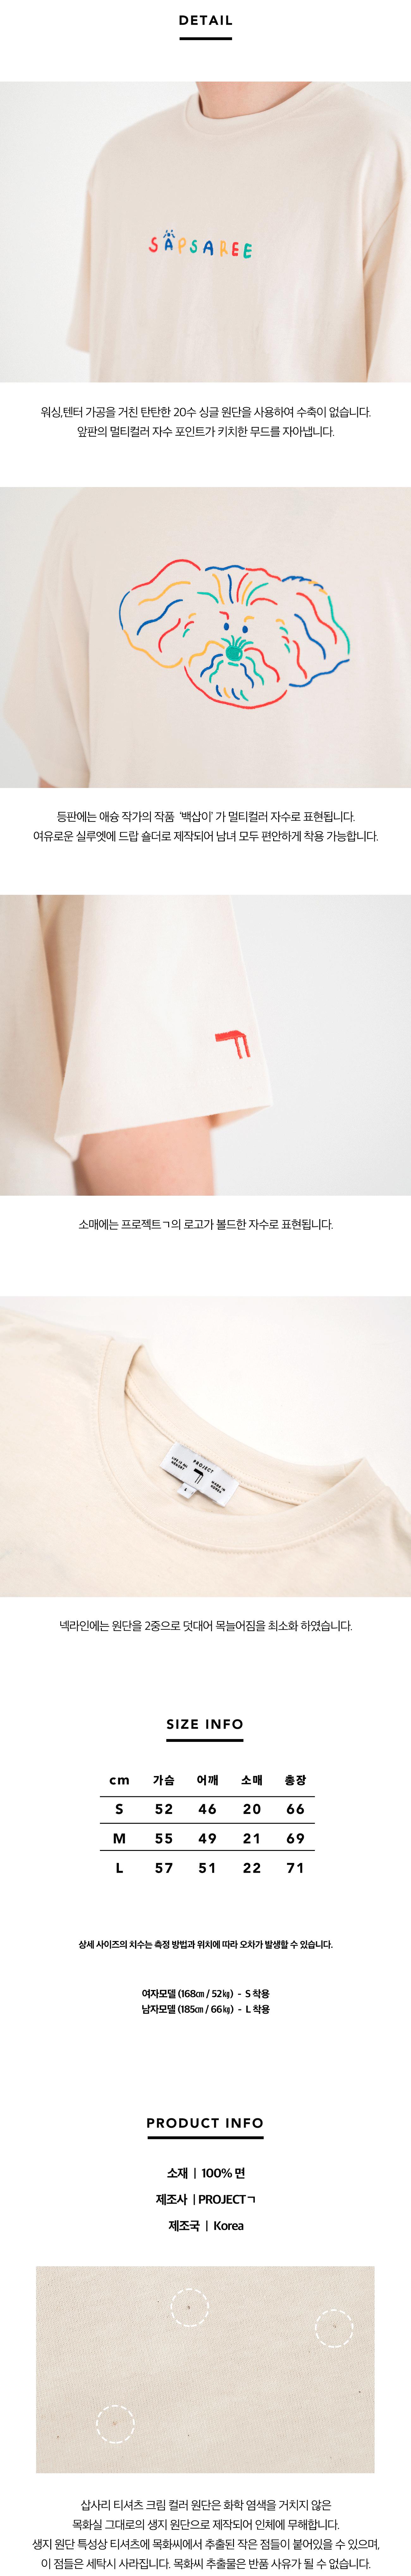 우리삽사리 반팔 티셔츠 크림 - 프로젝트ㄱ, 33,600원, 스트릿패션, 디자인반팔티셔츠